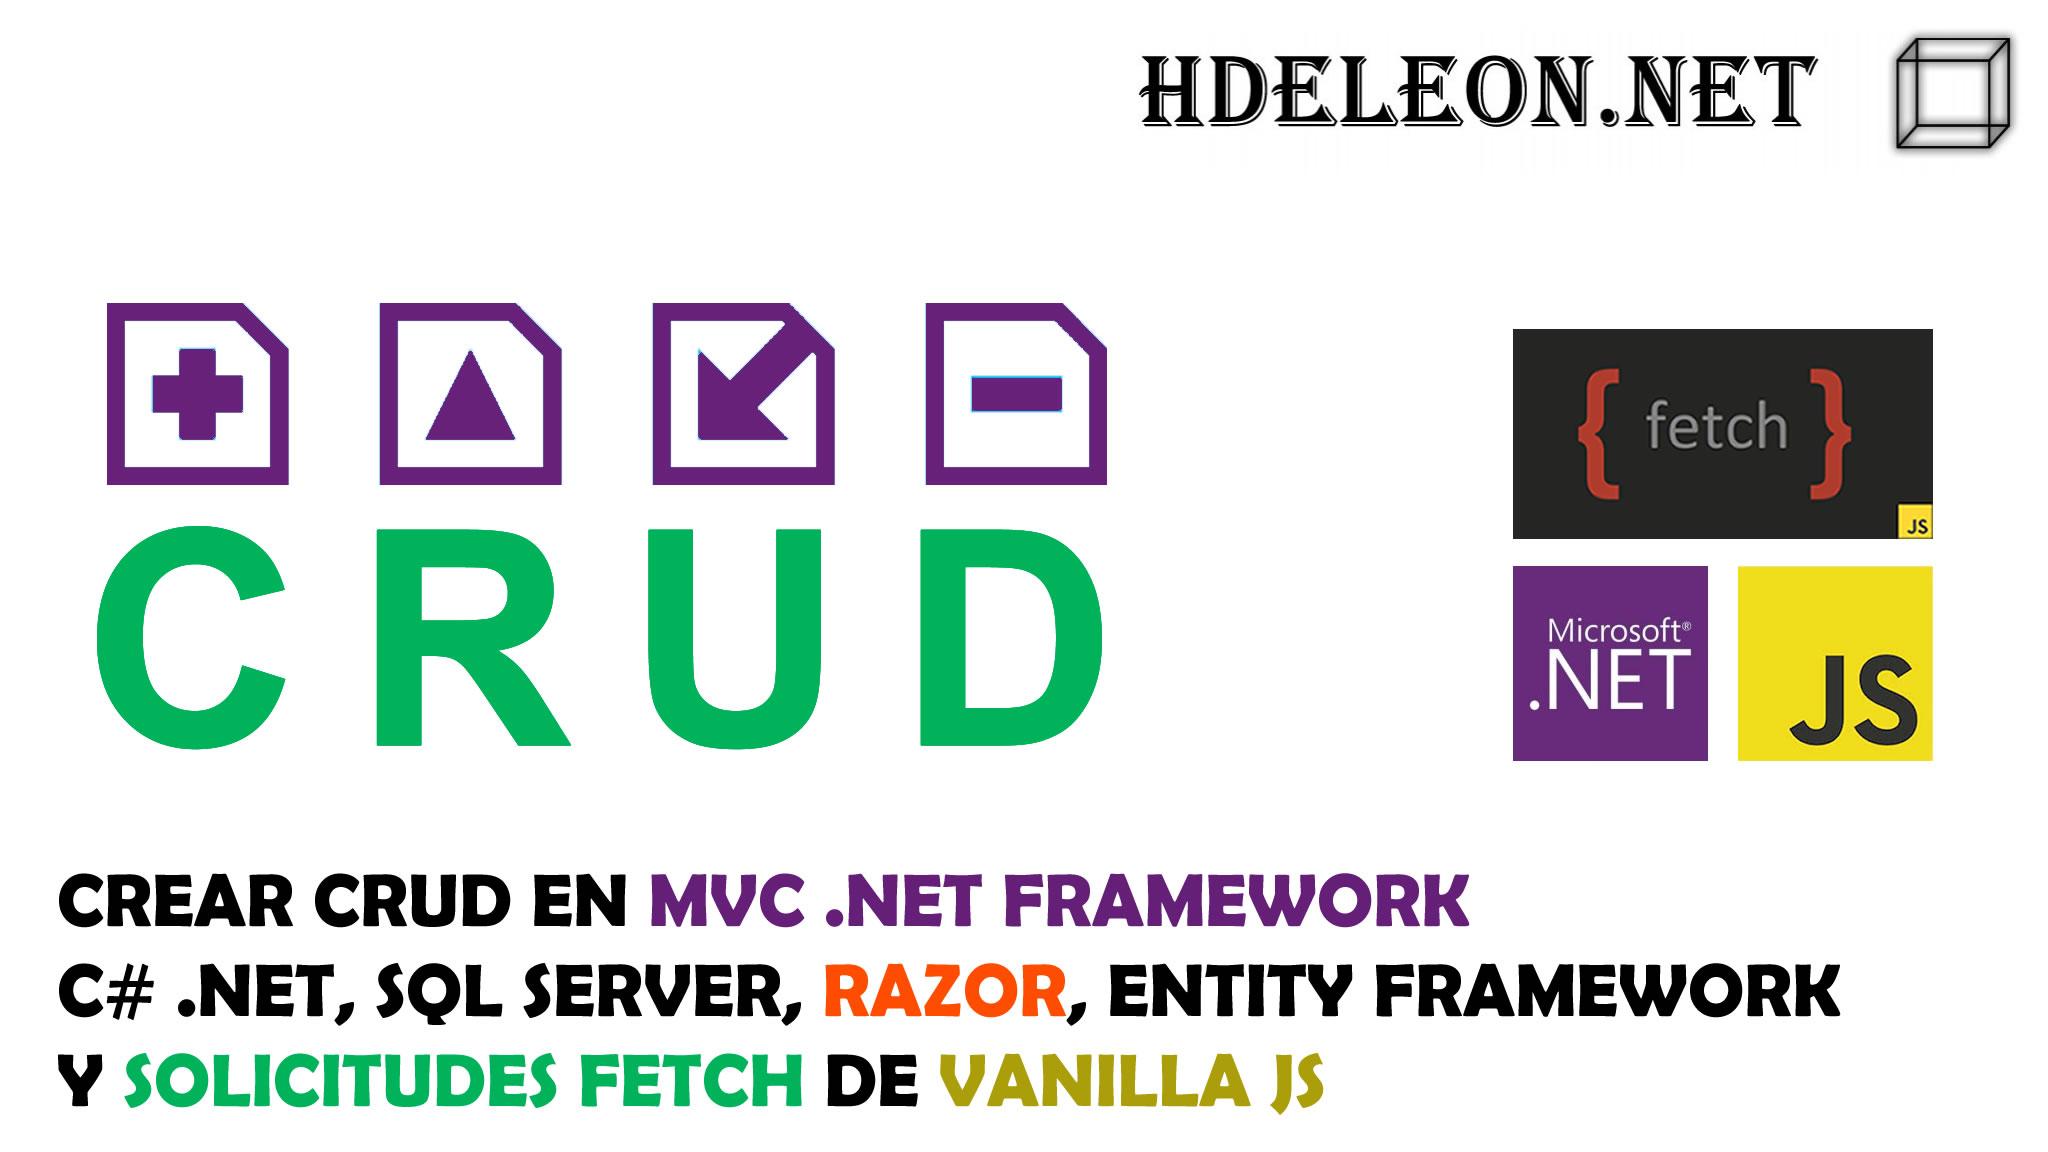 Crear CRUD en C# MVC .Net, Razor, Entity Framework y Fetch de Vanilla Javascript